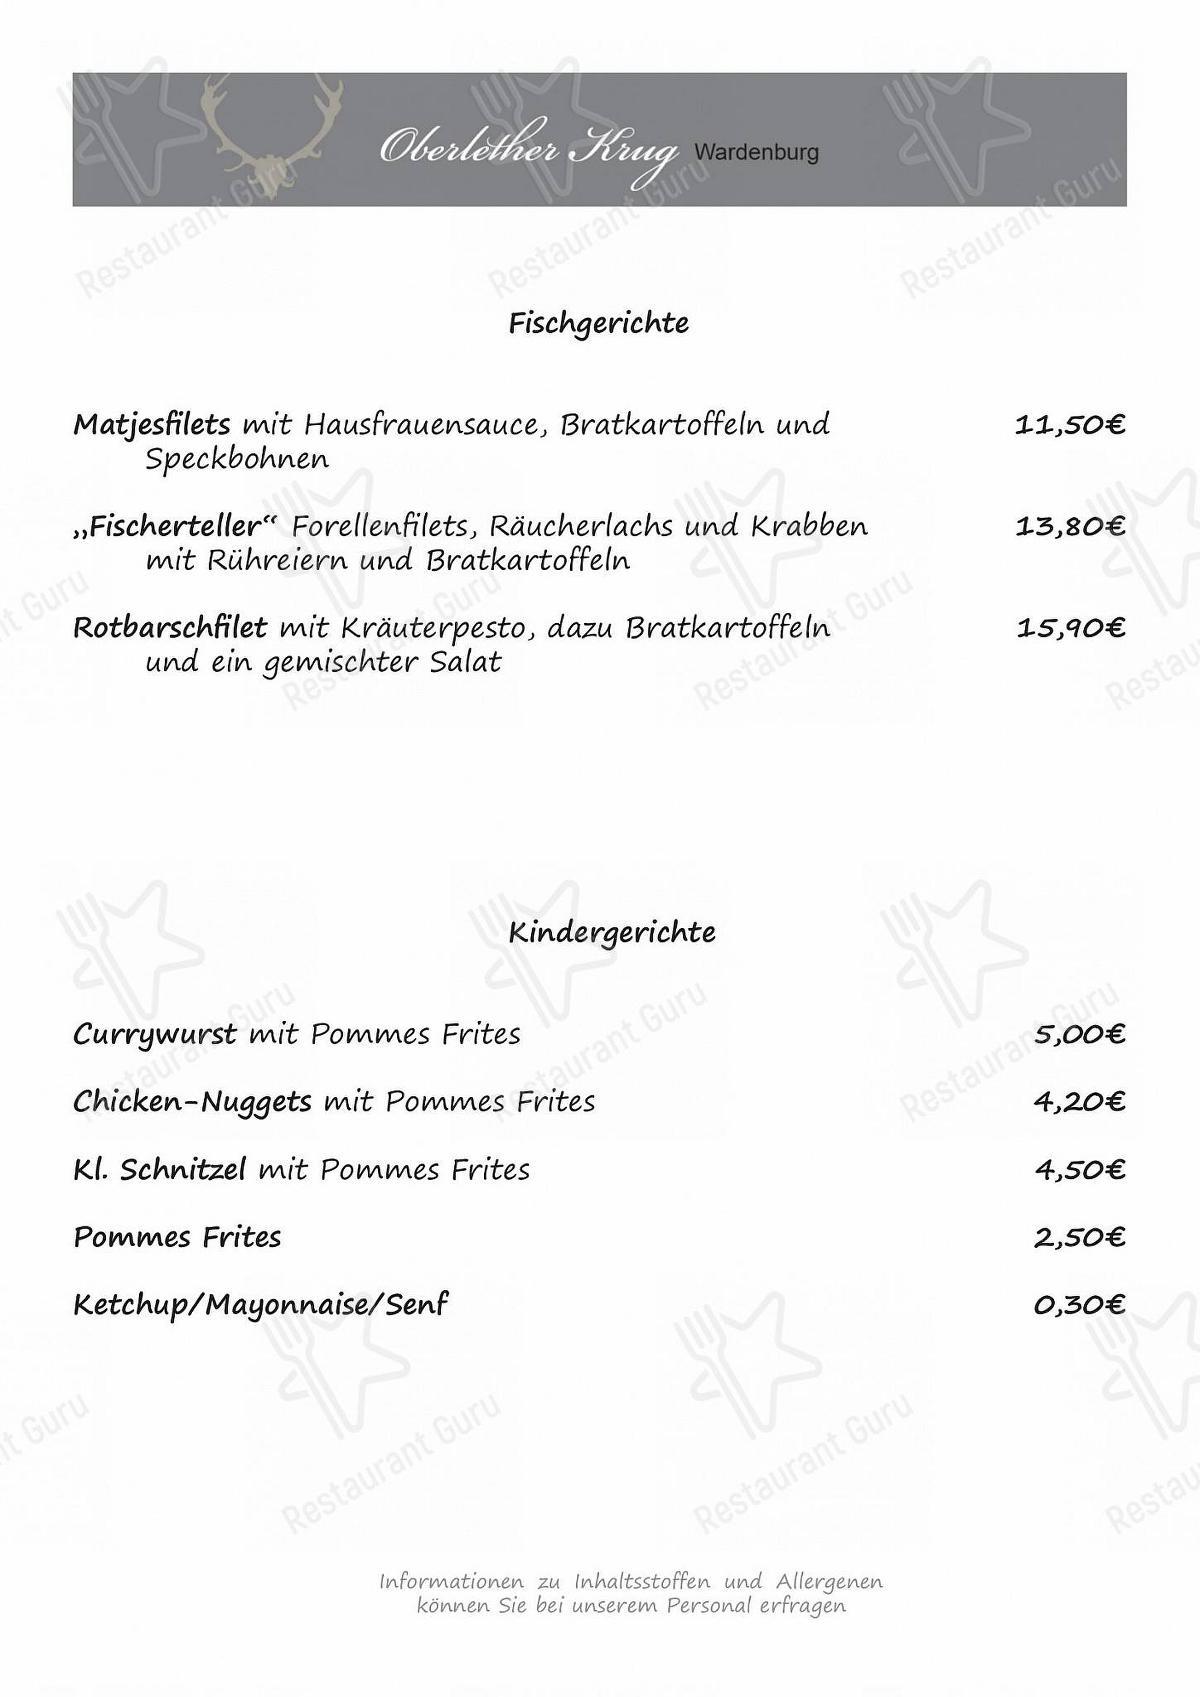 Speisekarte von Oberlether Krug restaurant